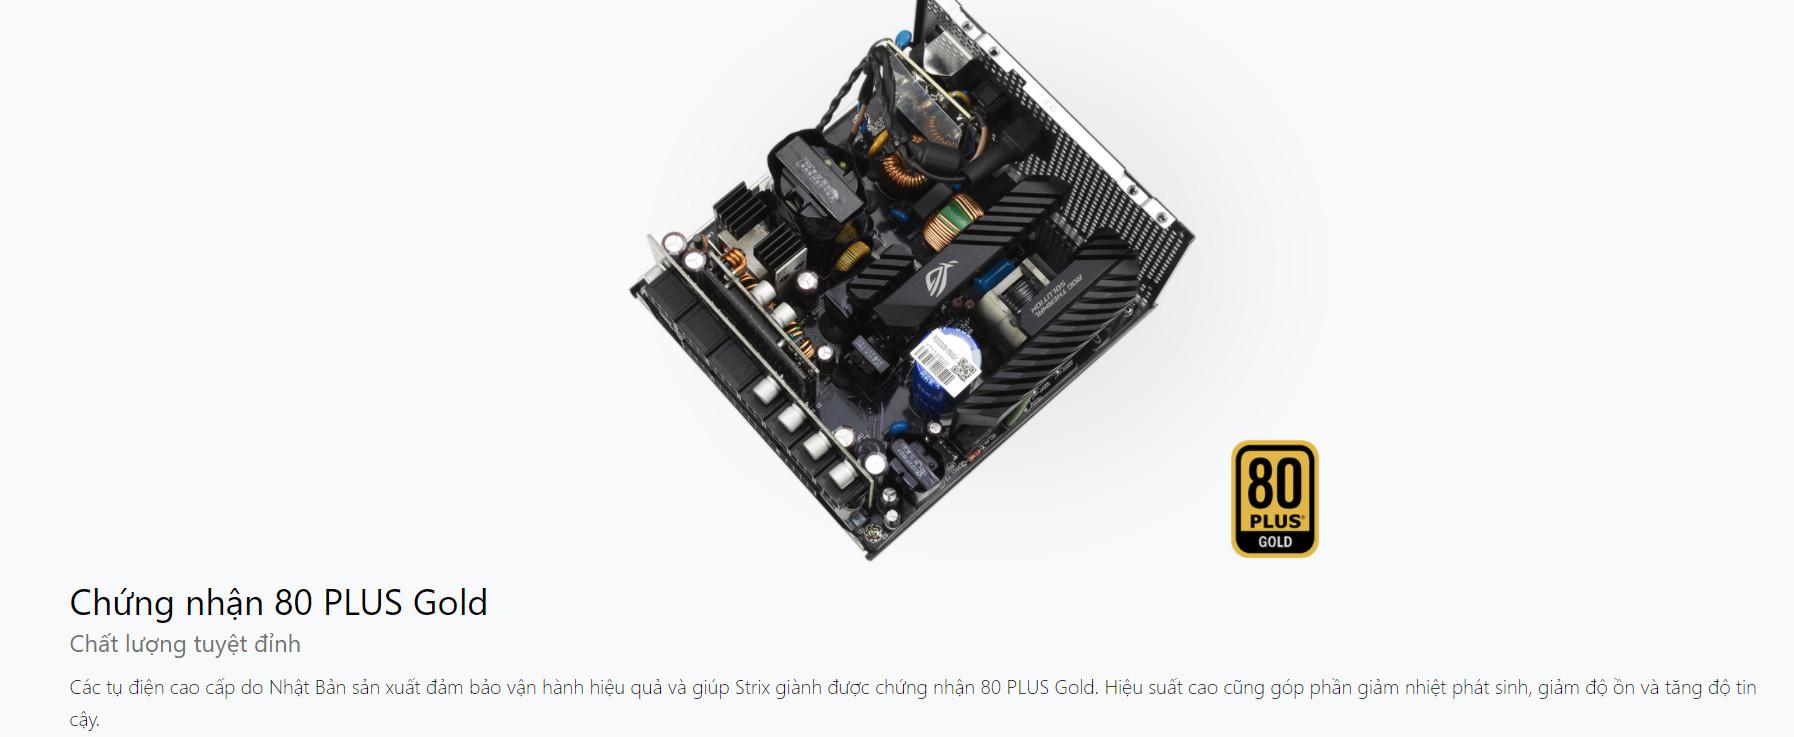 Nguồn ASUS ROG STRIX 850W GOLD - White Edition  850W ( Màu Trắng/80 Plus Gold / Full Modular) bên trong